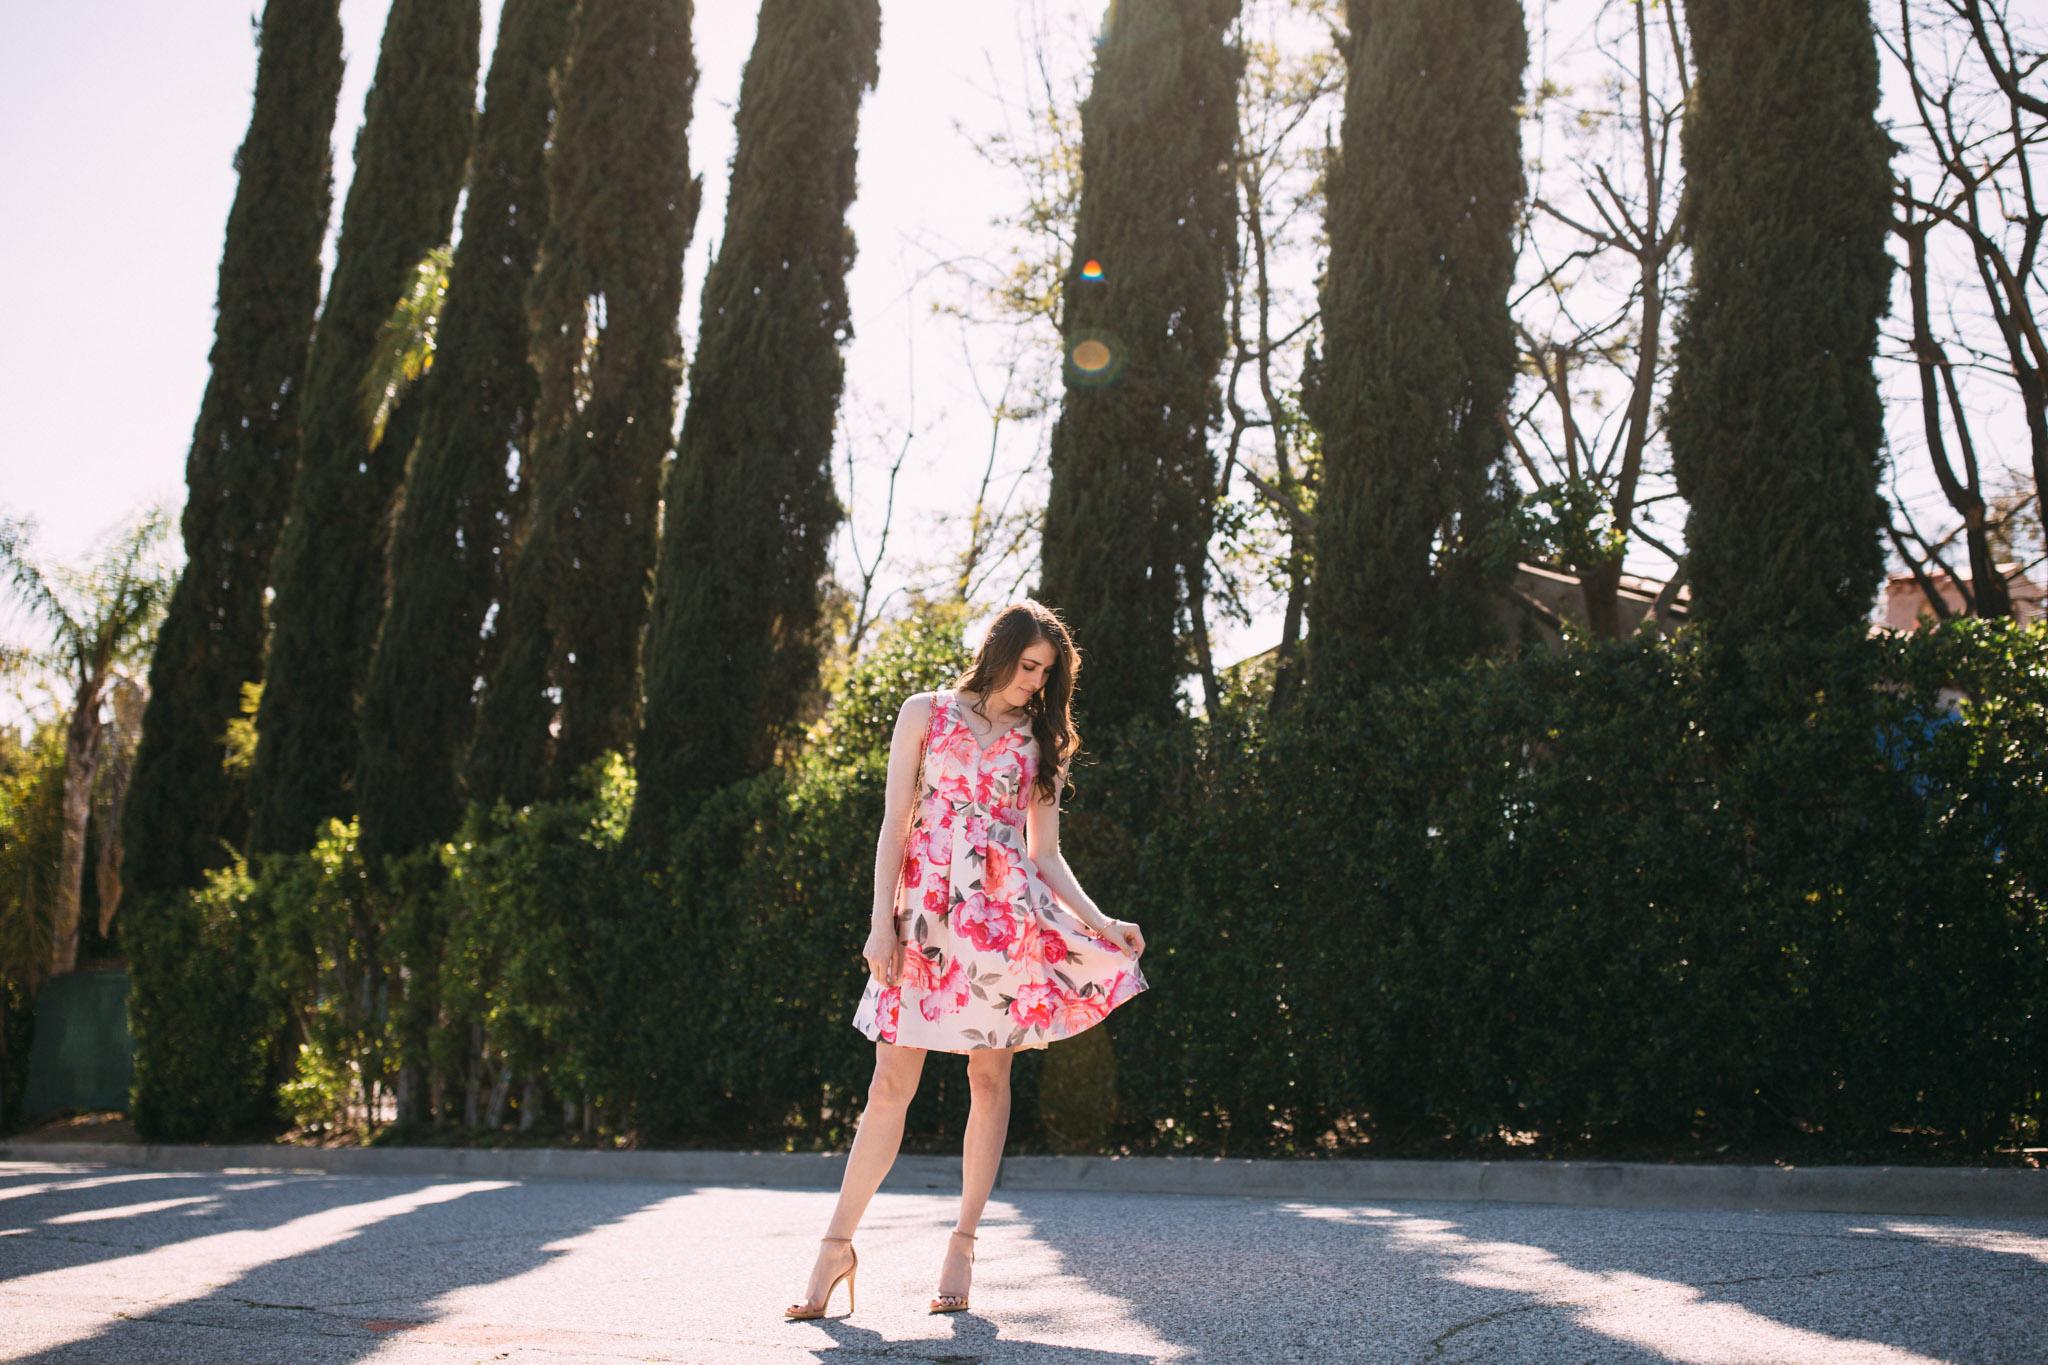 Floral dresses for spring